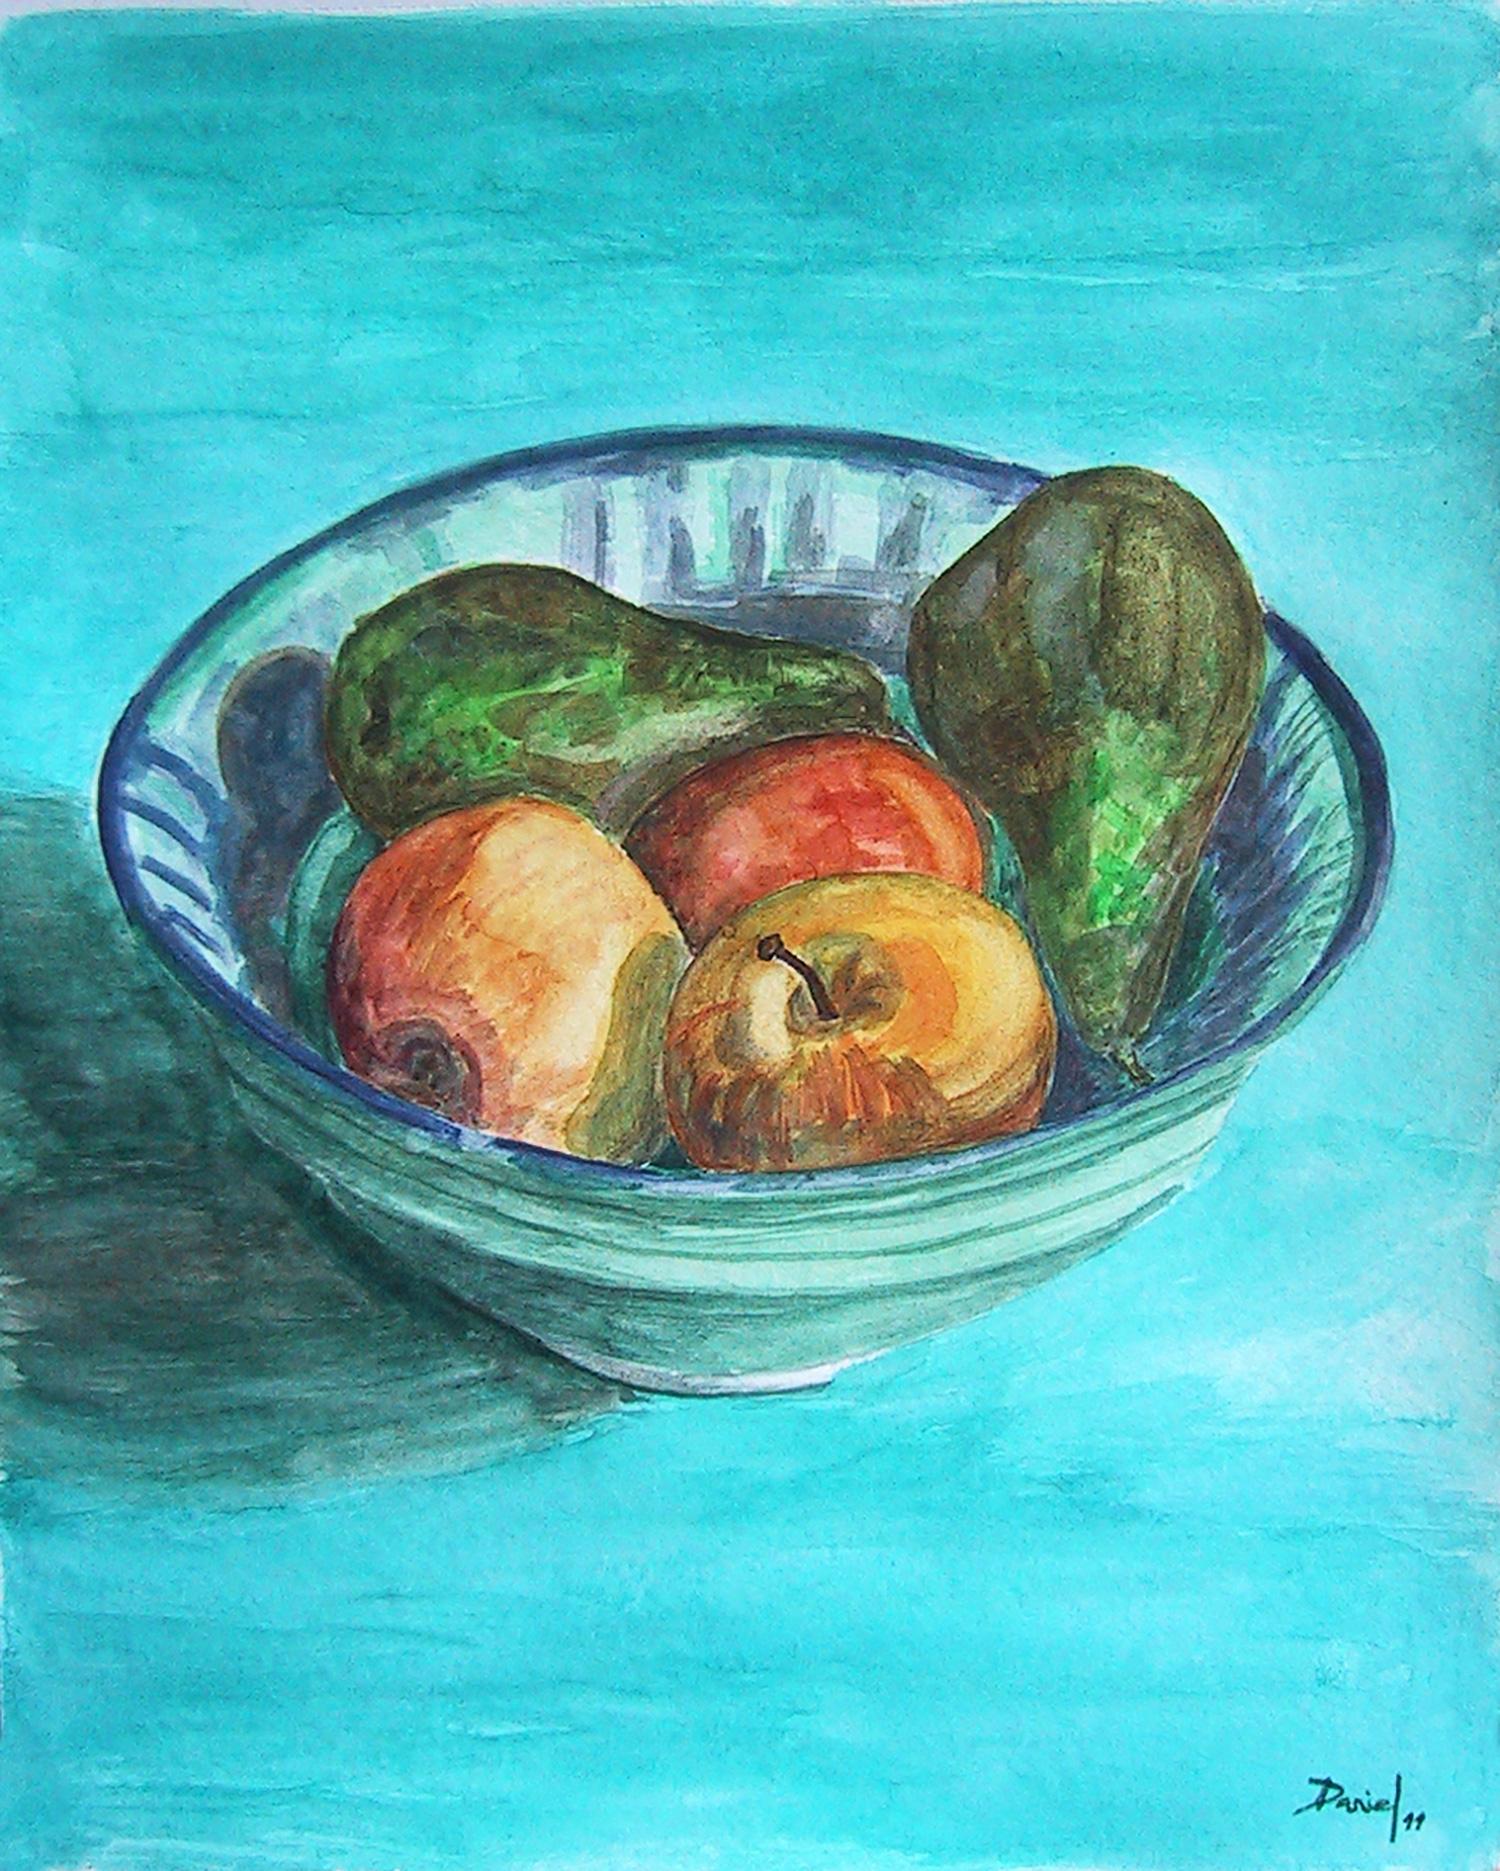 Fuente con peras y manzanas